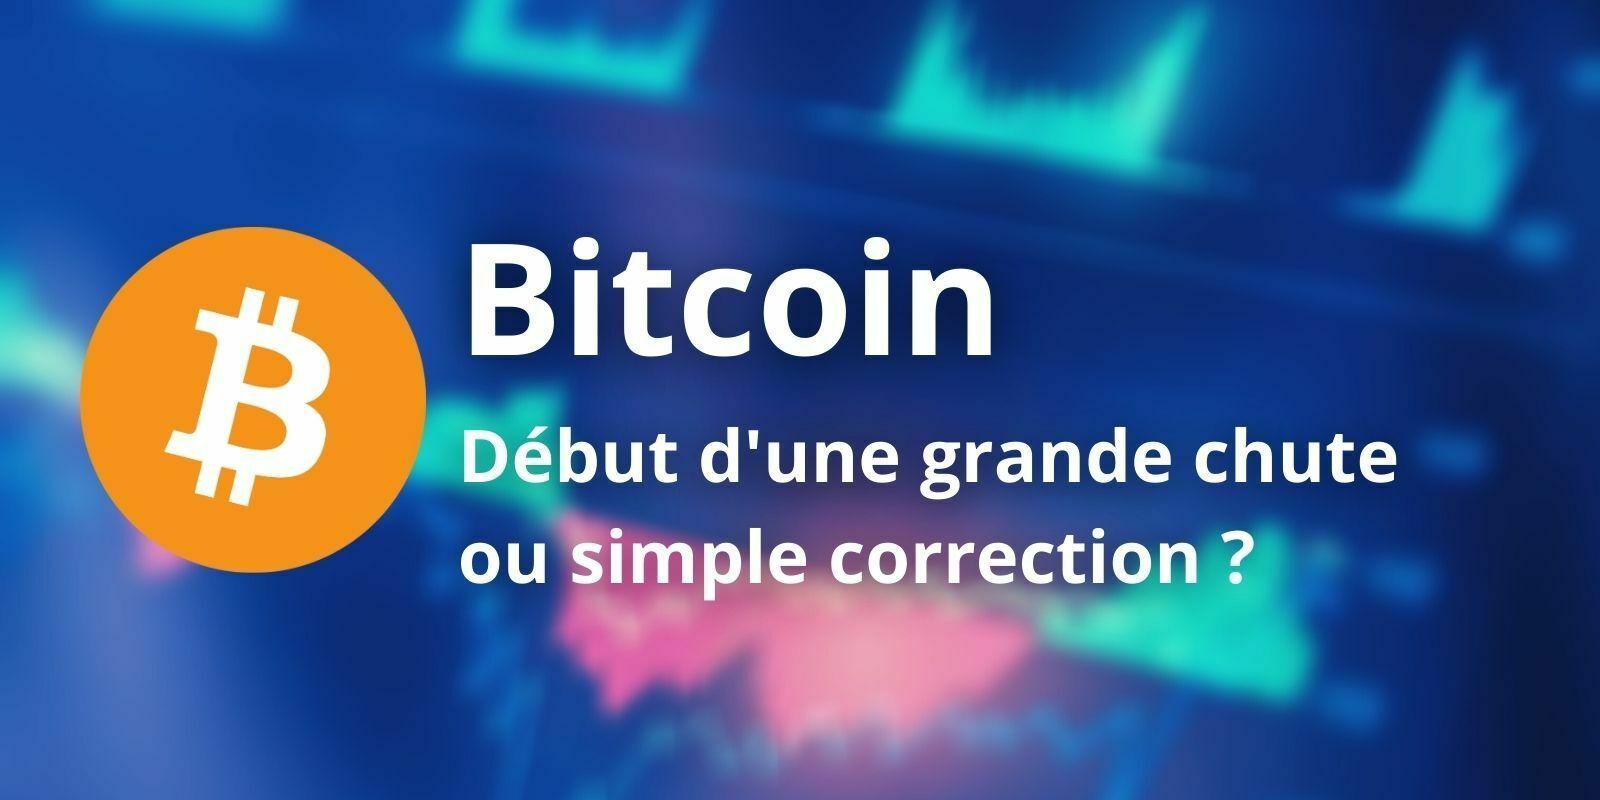 Le Bitcoin (BTC) chute de 10 000 $ - Correction ou retournement baissier ?